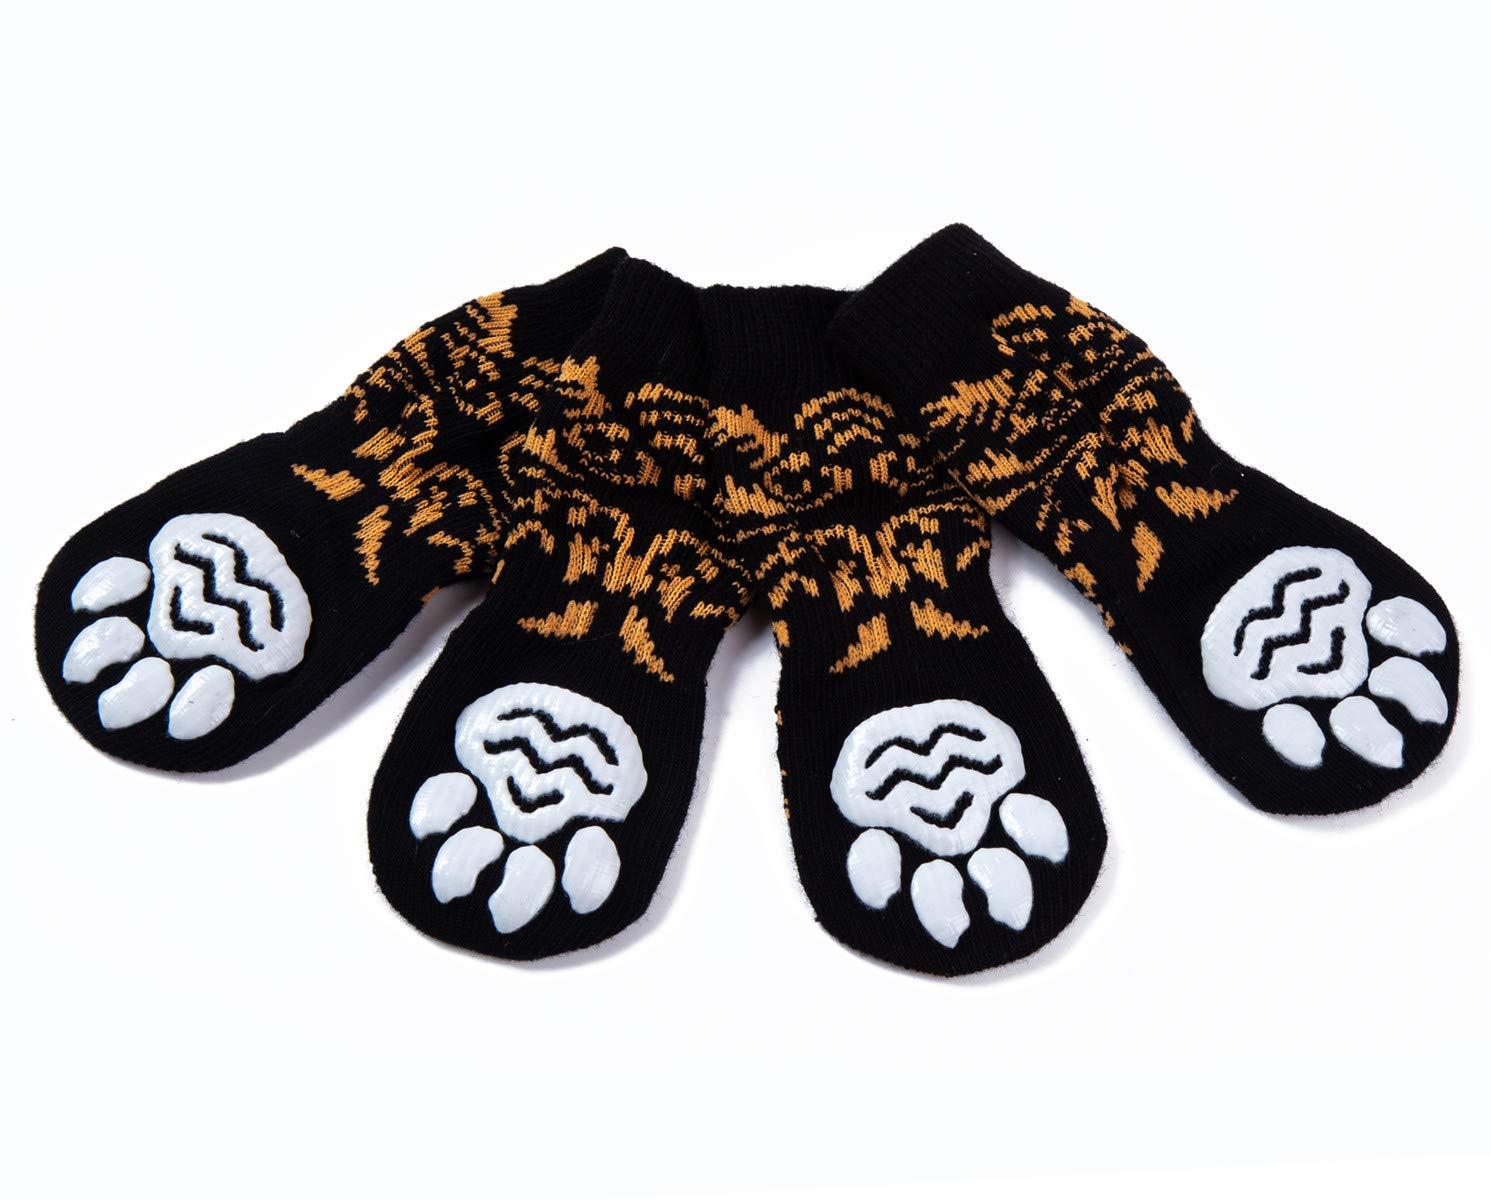 Control de tracci/ón para el Uso en Interiores Ajuste para Perros Extra peque/ños a Grandes Pet Heroic 6 tama/ños Calcetines Antideslizantes para Perros Gatos Protectores de Patas para Perros Gatos